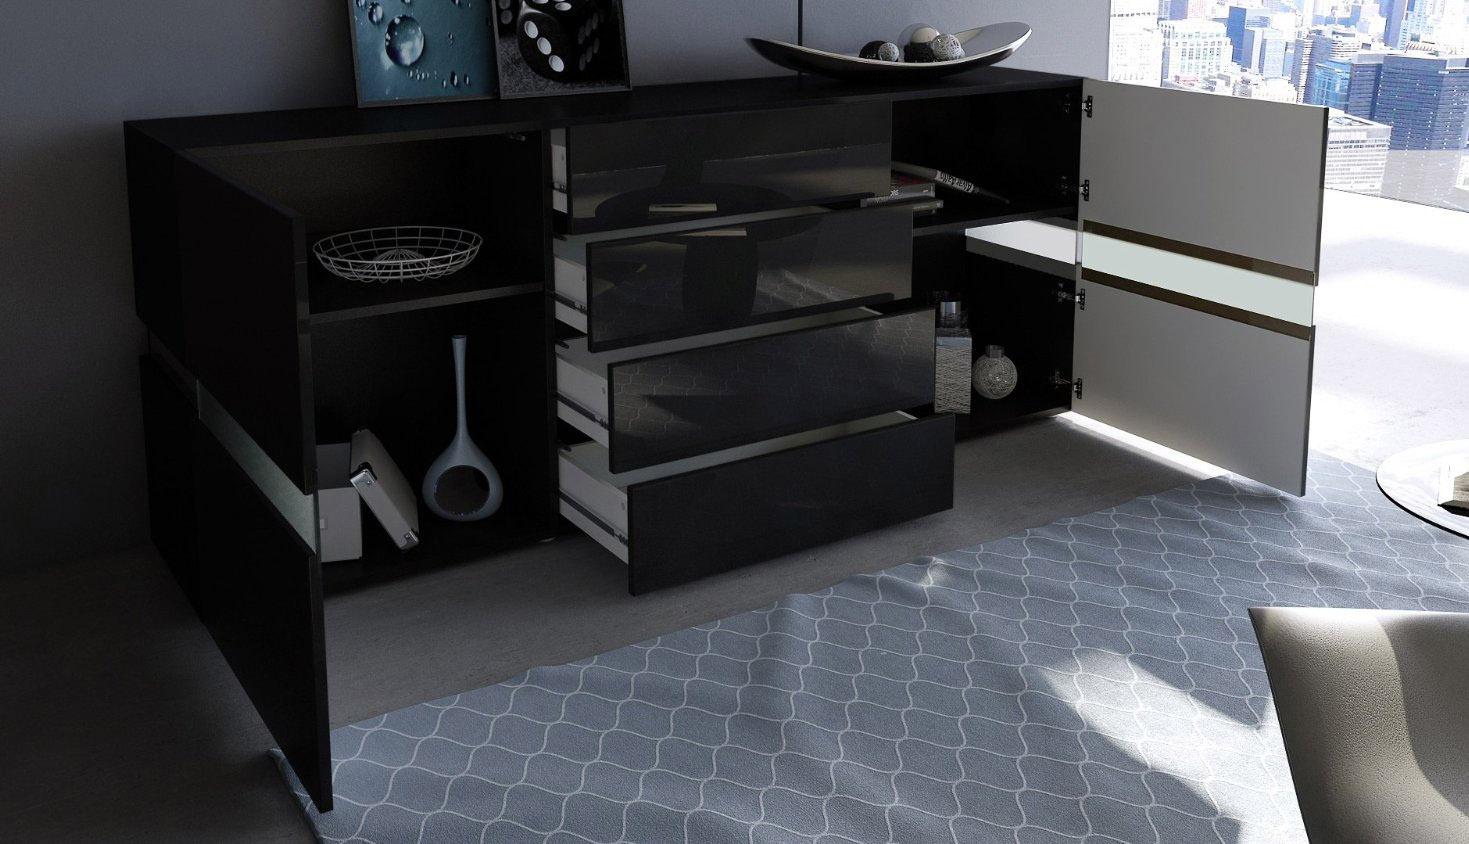 Credenza Moderna In Vetro : Credenza moderna faro bianca o nera mobile soggiorno con led